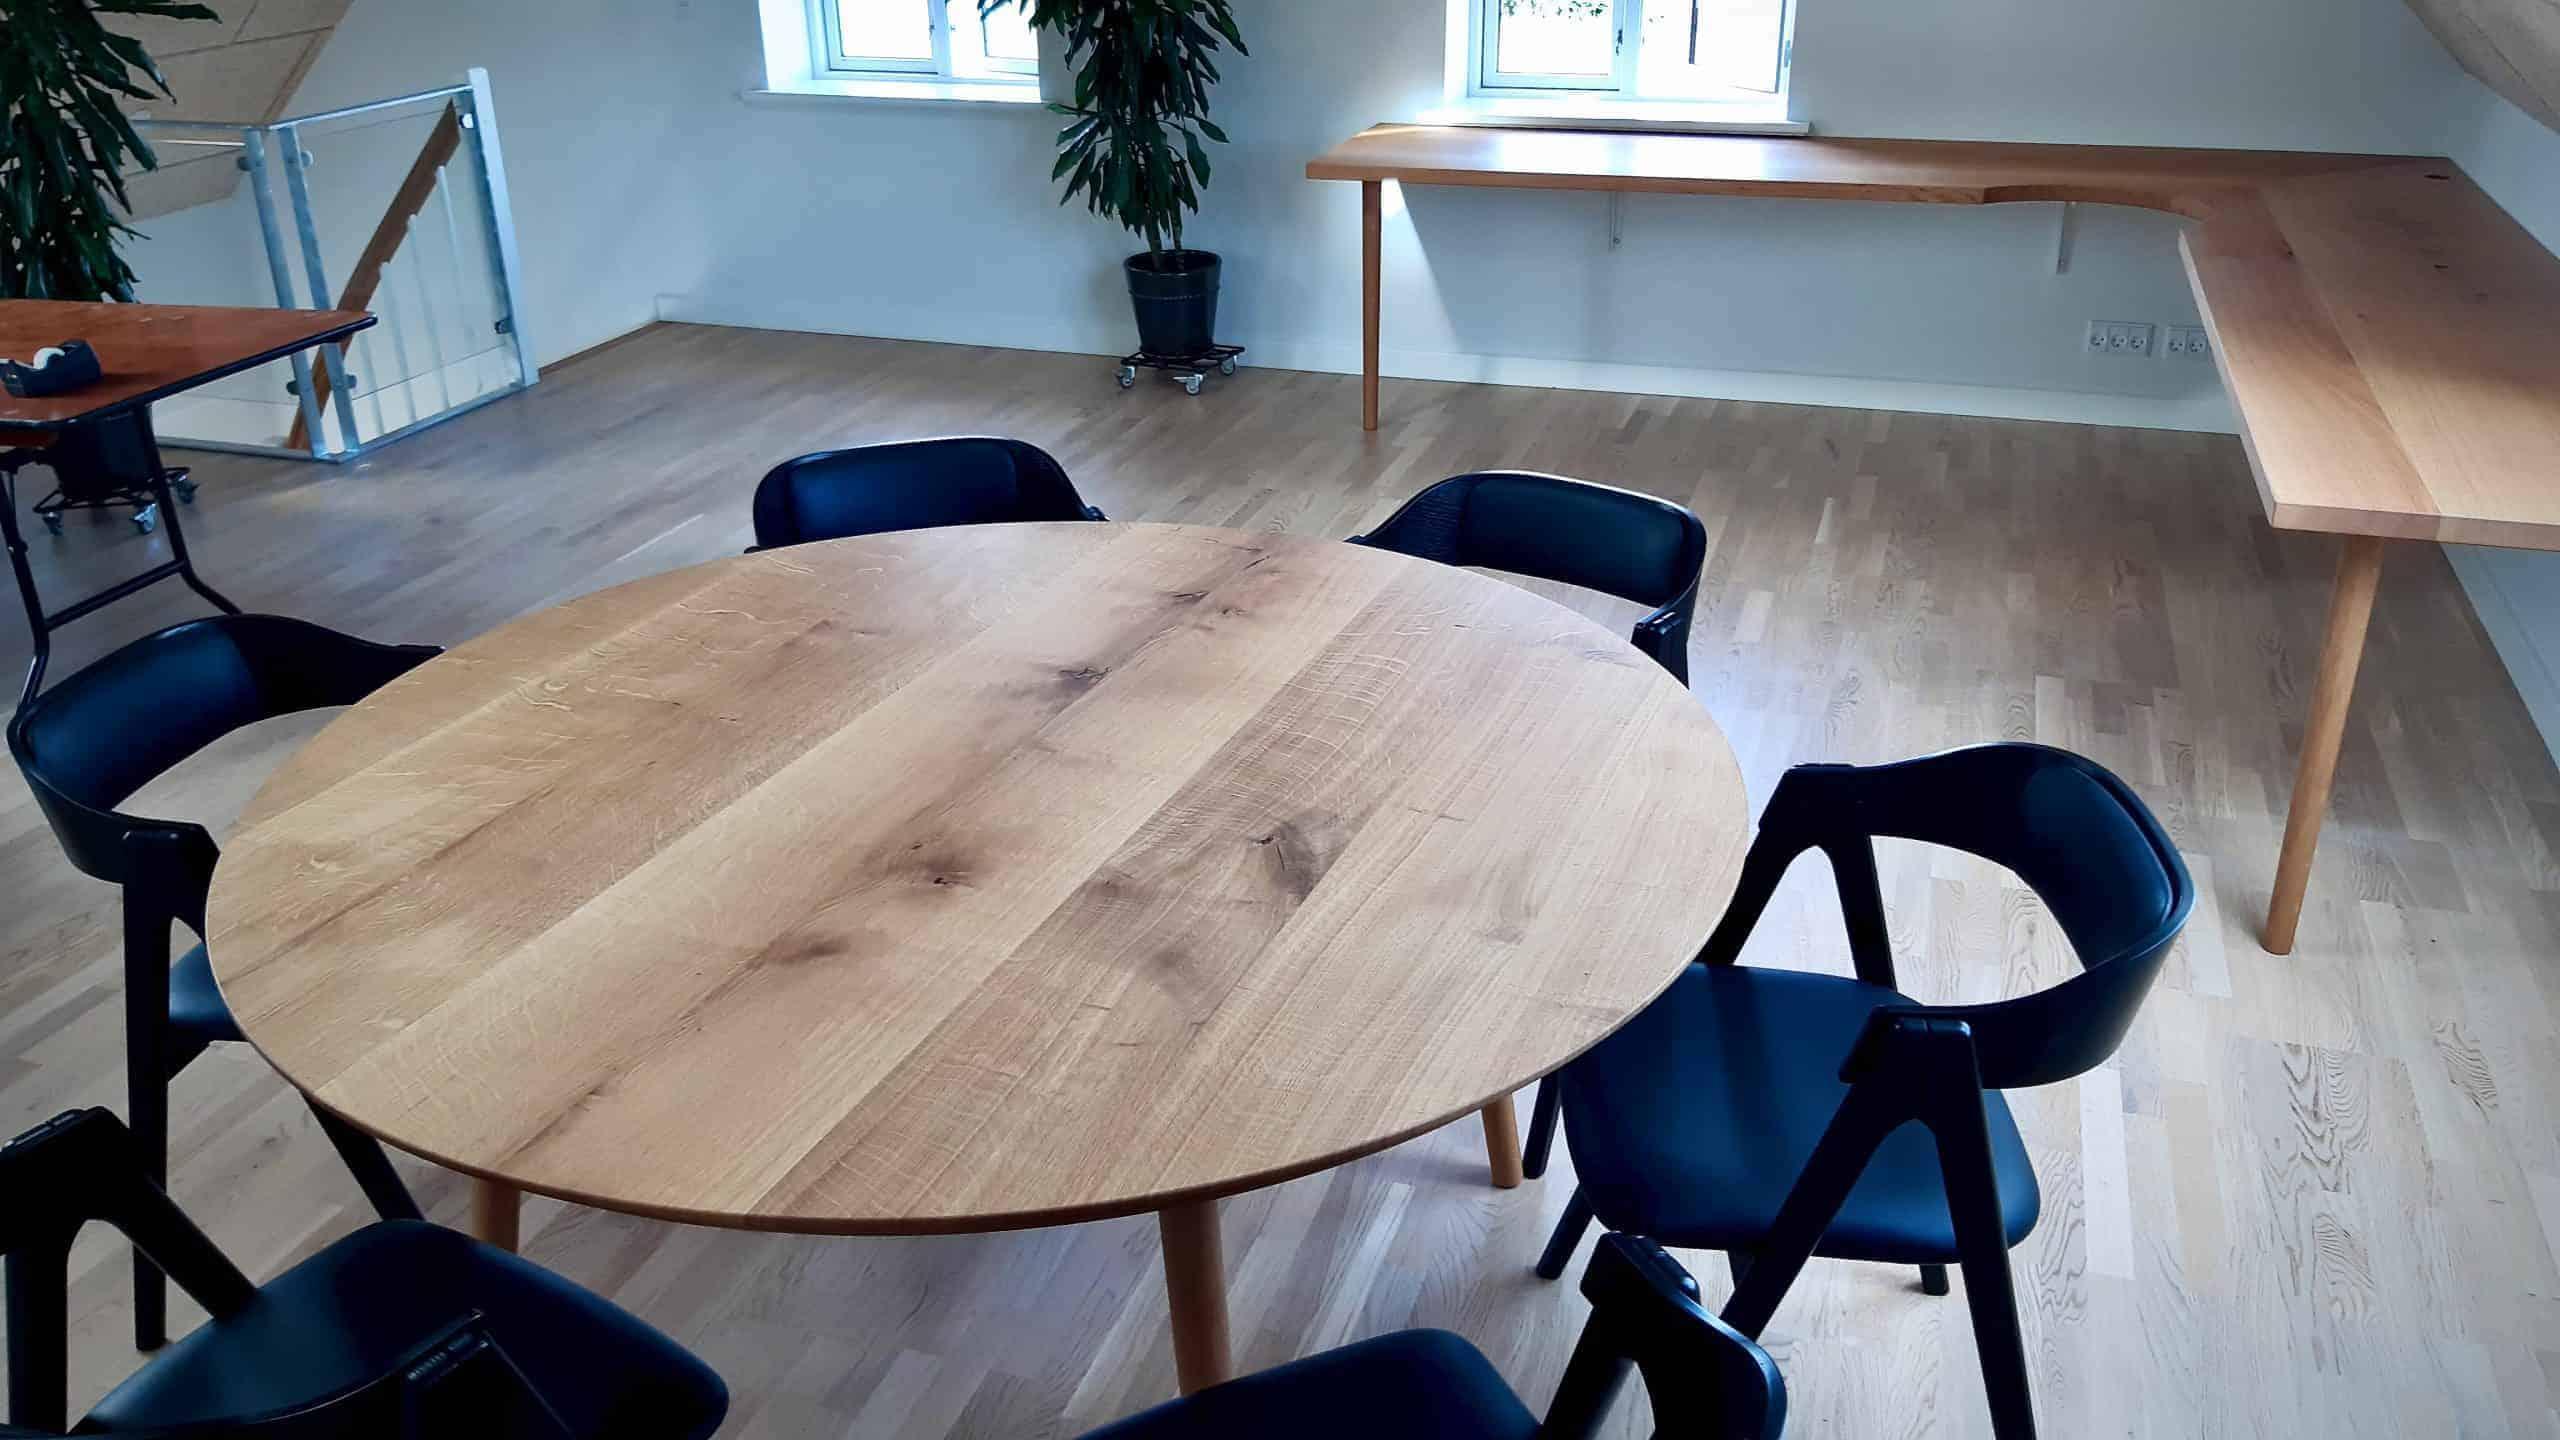 rundtbord rundbord ovalt bord bord i trae traebord traemobler kaerbygaard kaerbygård august 2020 17 scaled